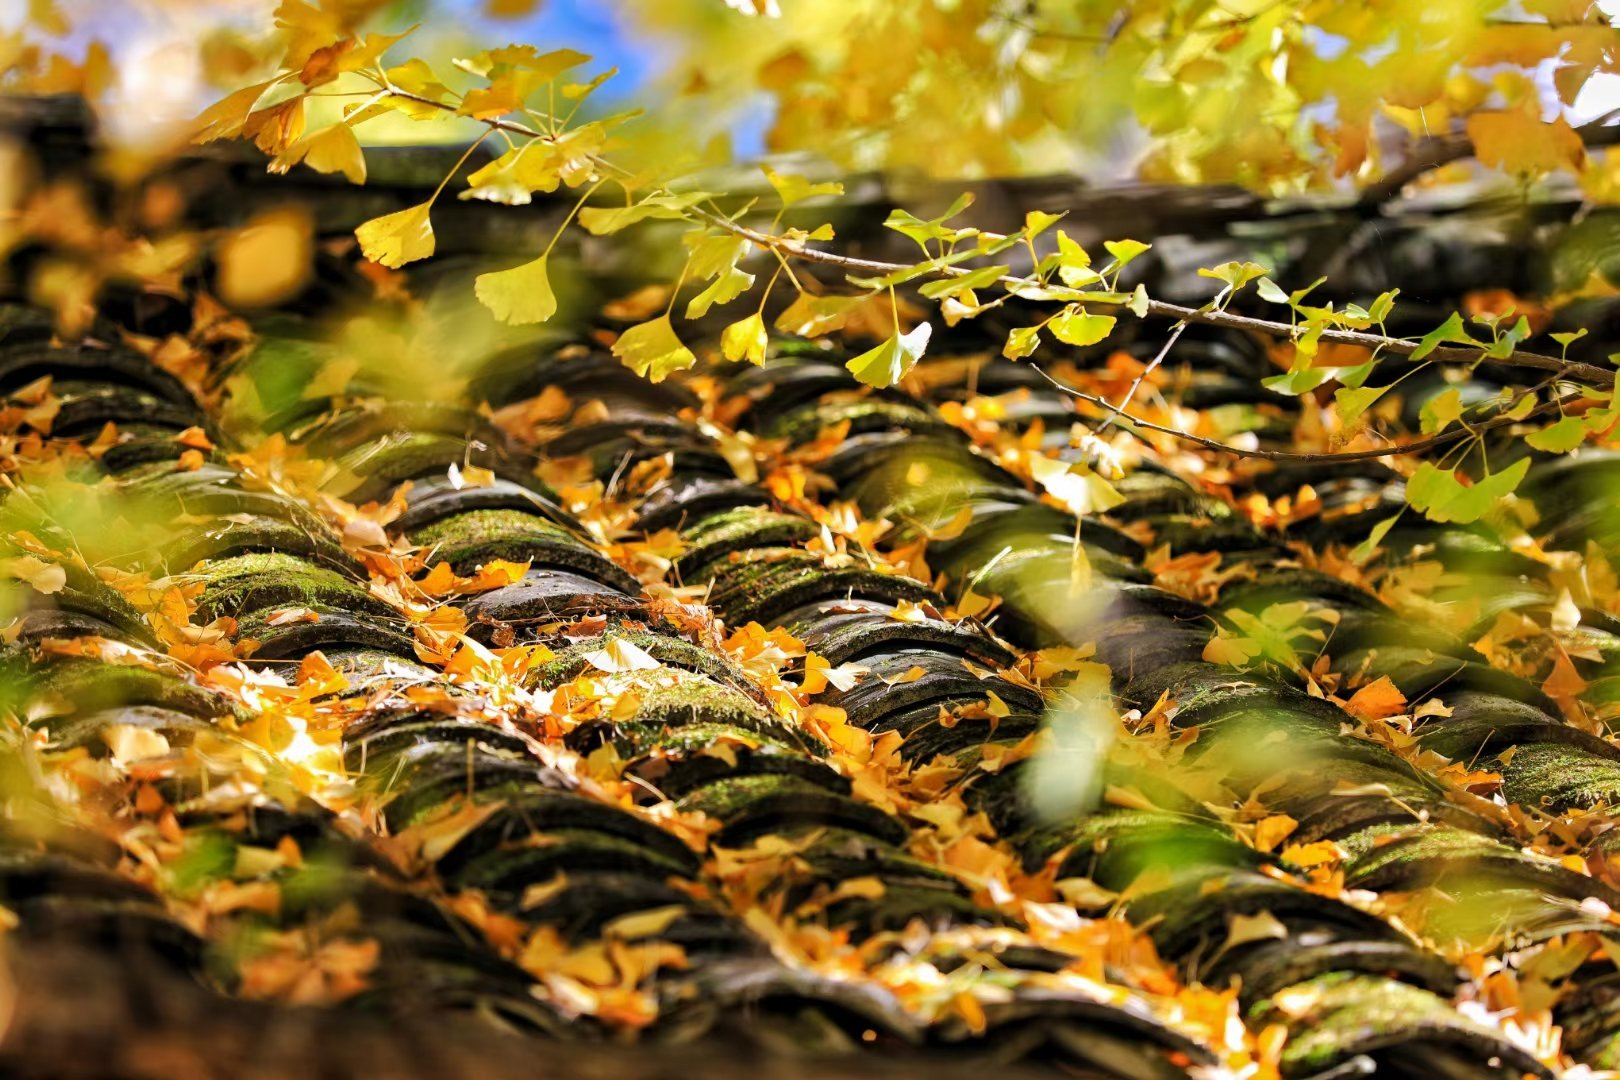 中国是银杏的故乡,而腾冲银杏村的银杏树